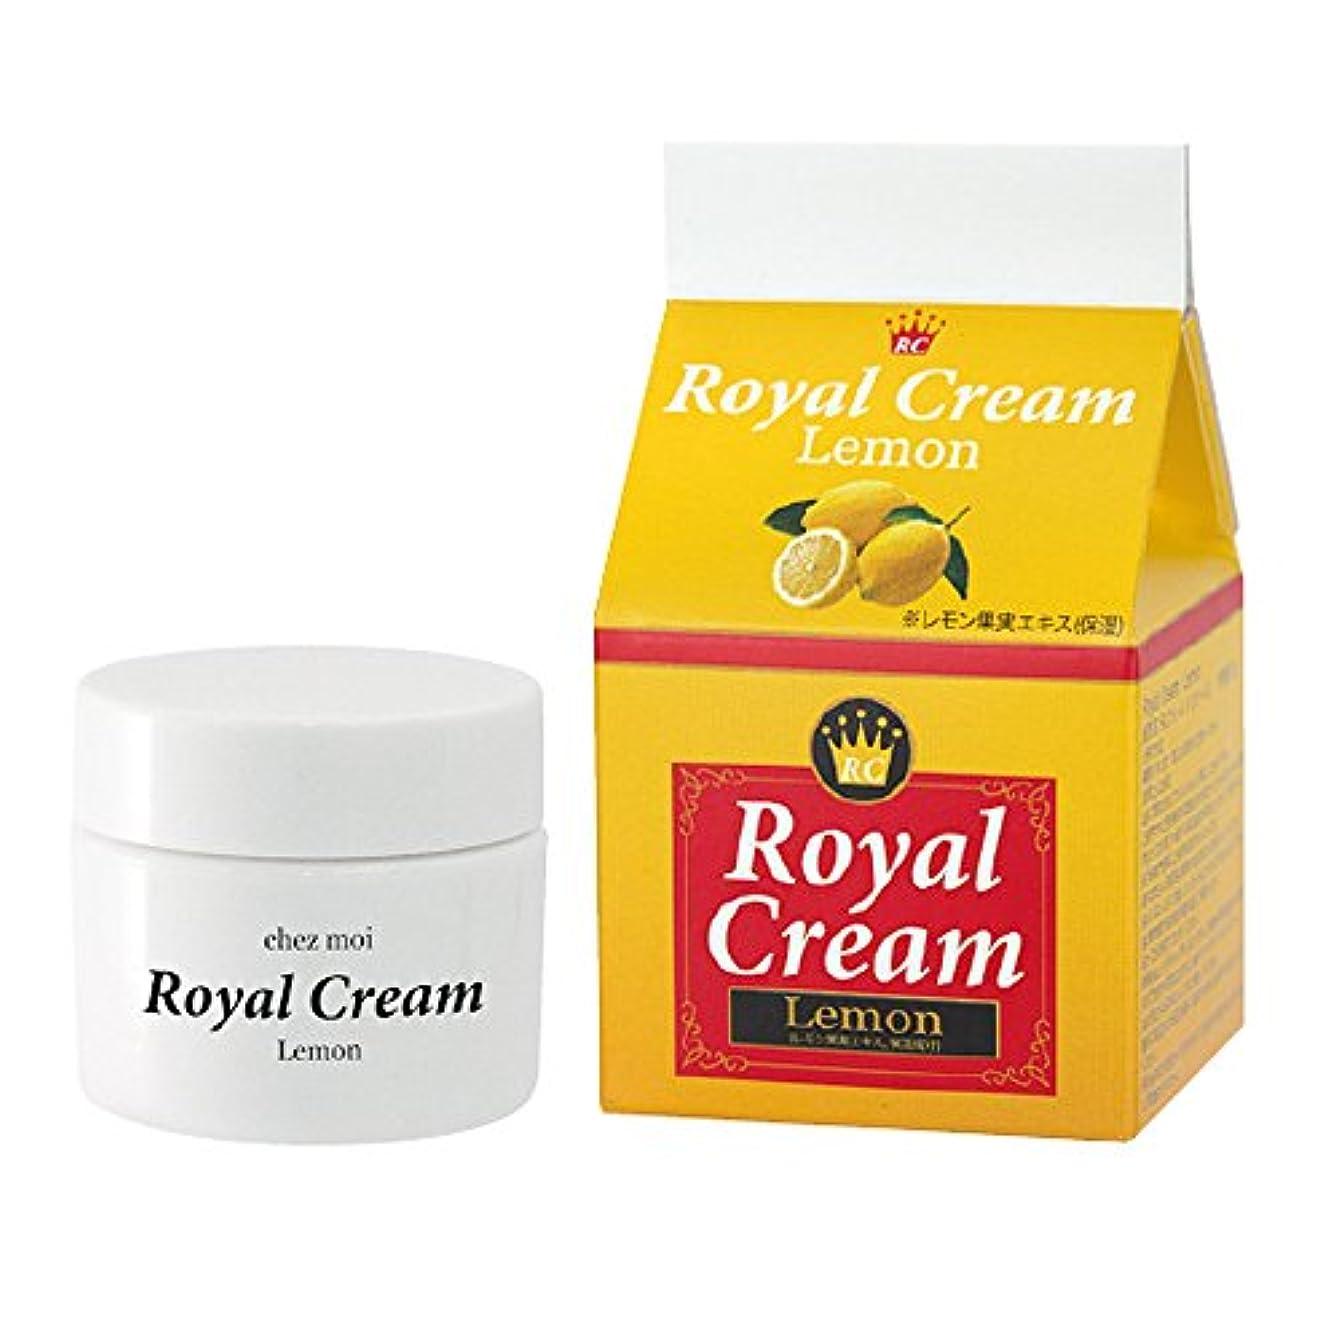 個人的に叱るマーティフィールディングシェモア Royal Cream Lemon(ロイヤルクリームレモン) 30g